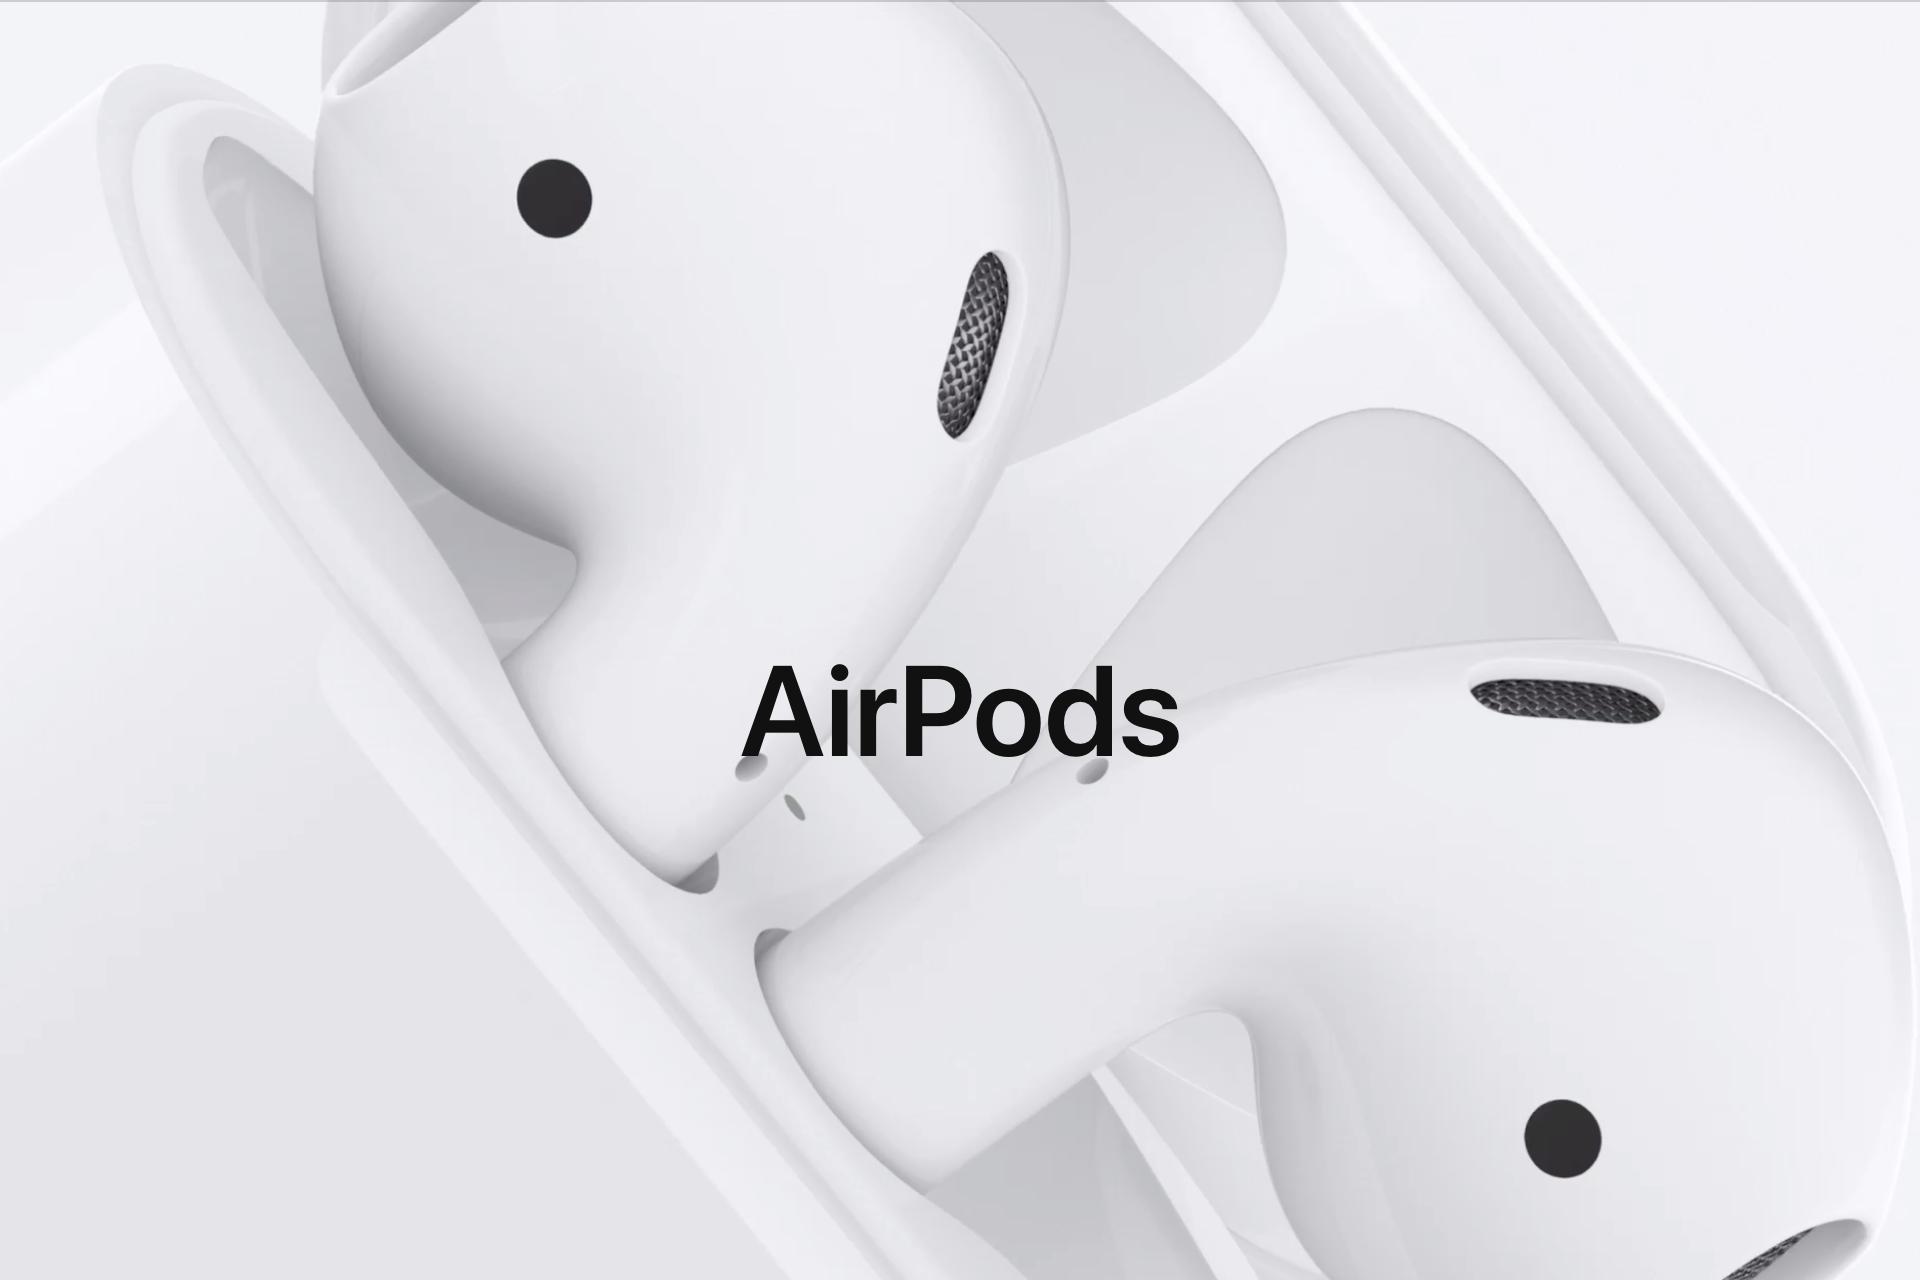 用 AirPods 監聽?別鬧了好不好